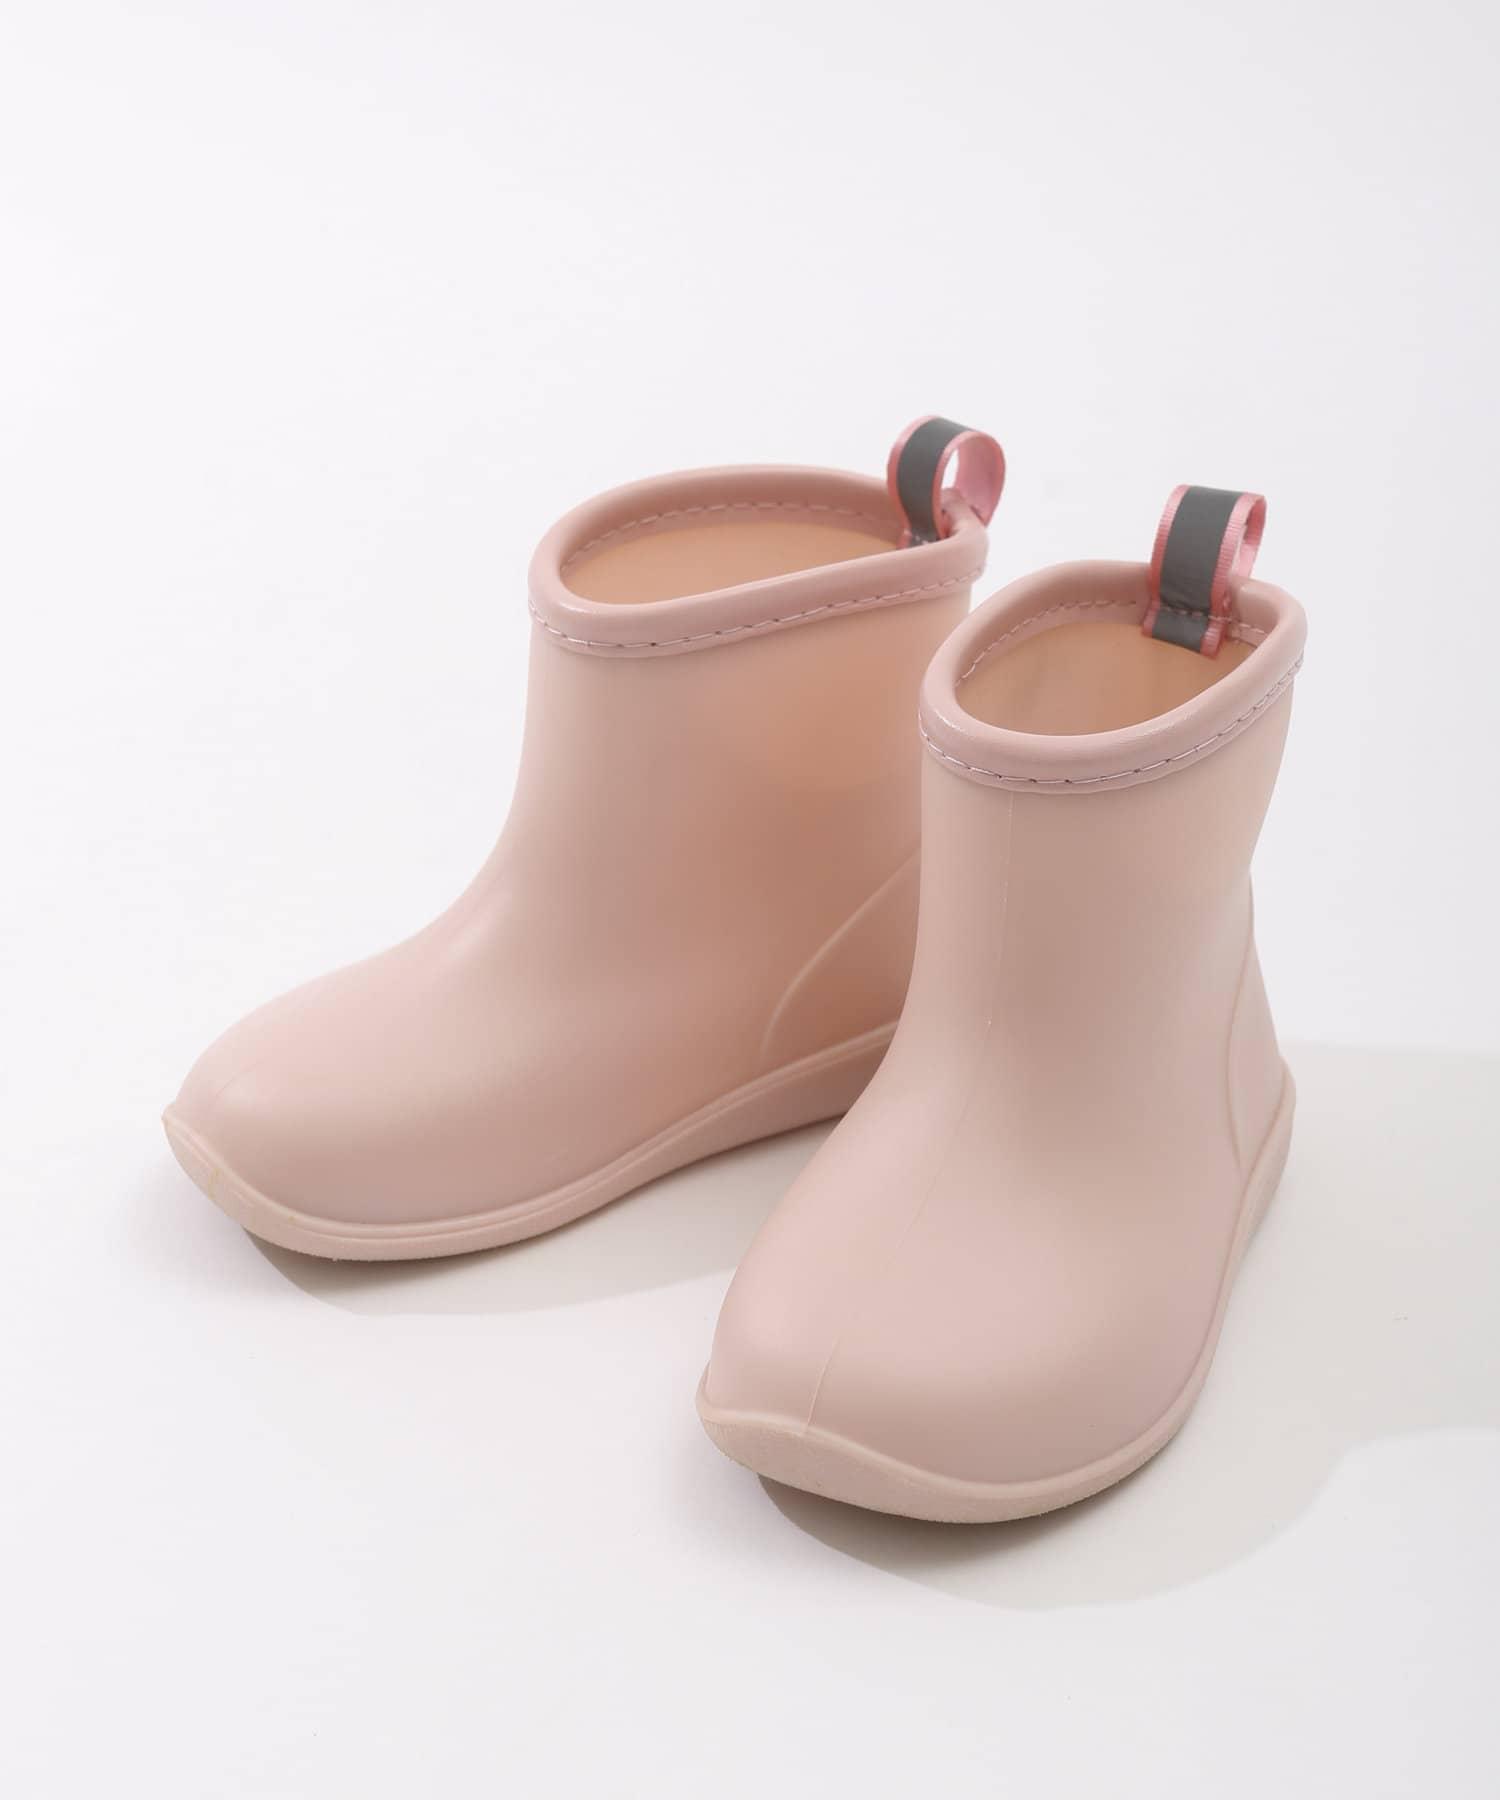 3COINS(スリーコインズ) ライフスタイル 【Enjoy Rainy Days】レインブーツ:15cm ピンク